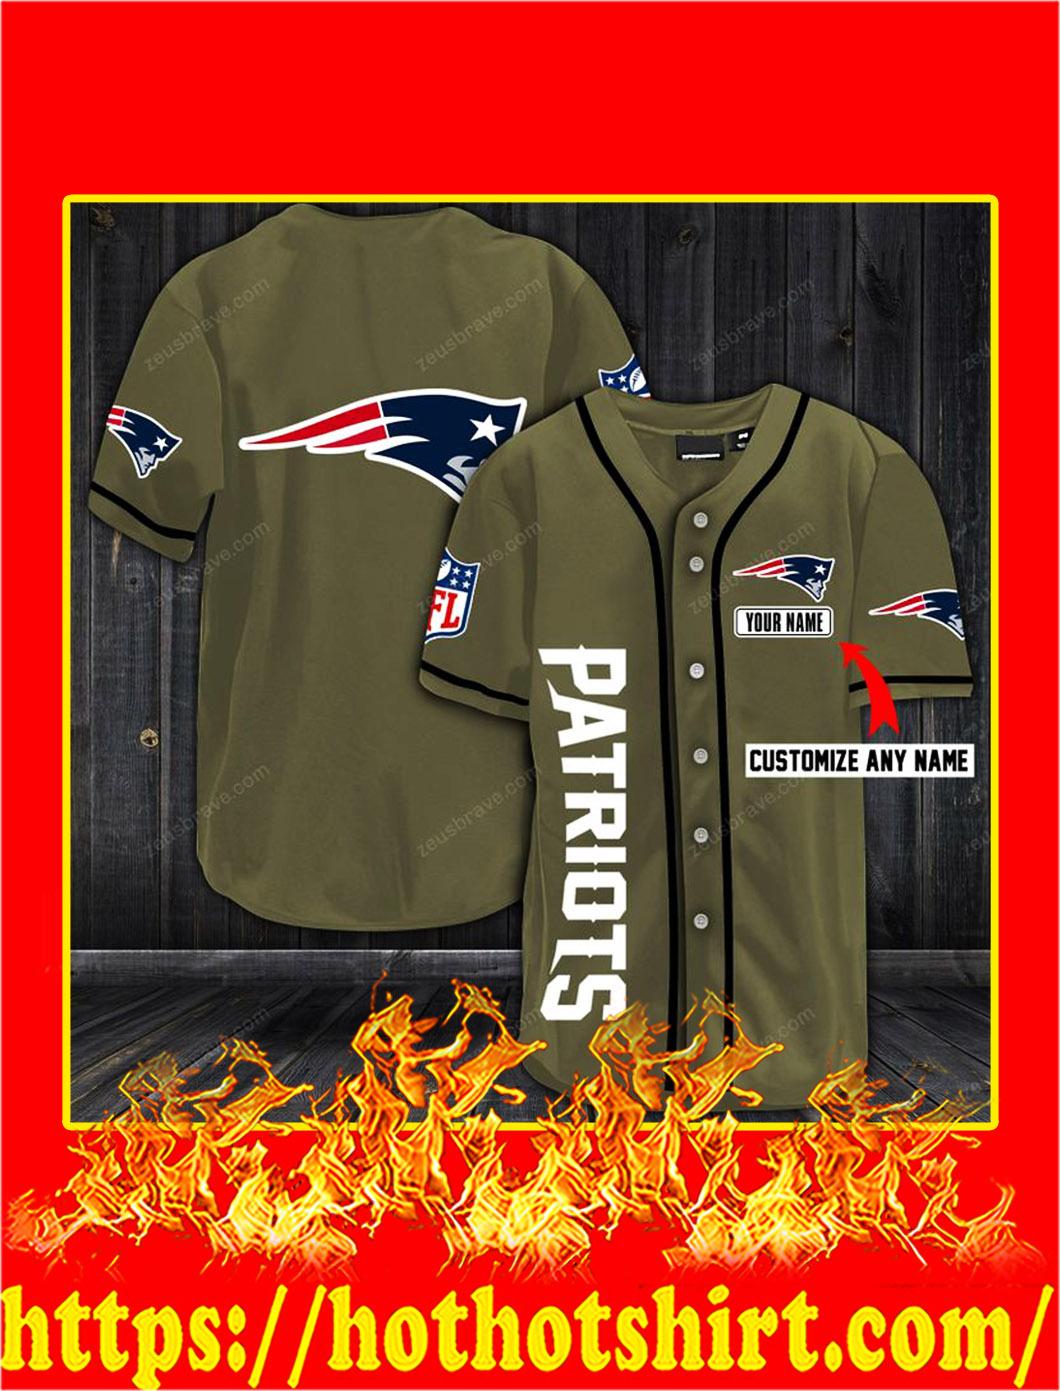 Customize name new england patriots hawaiian shirt- old gold